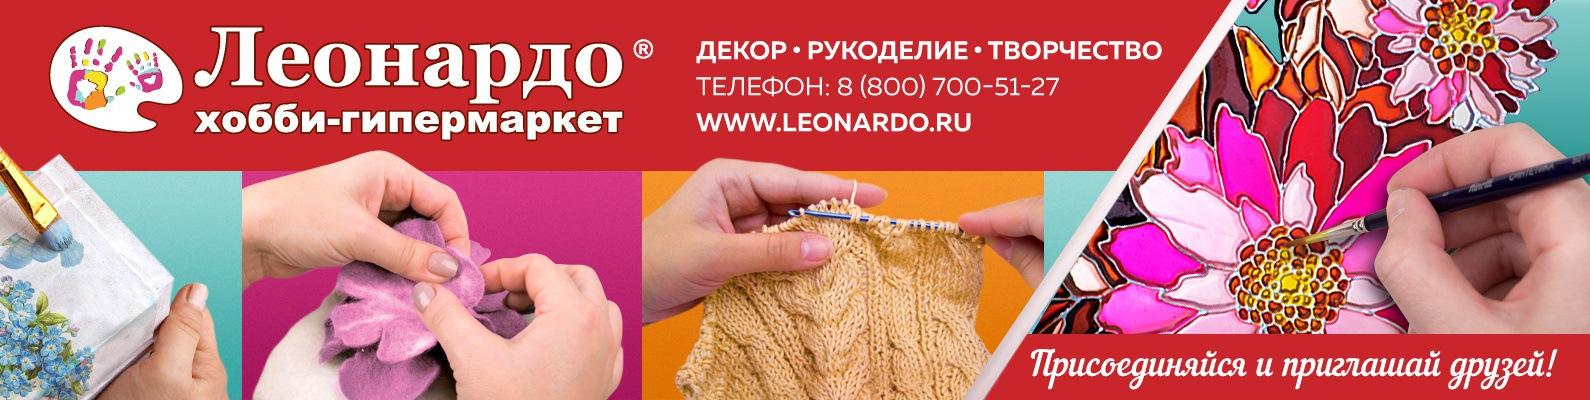 2aa0f65d532 Леонардо - товары для творчества и рукоделия